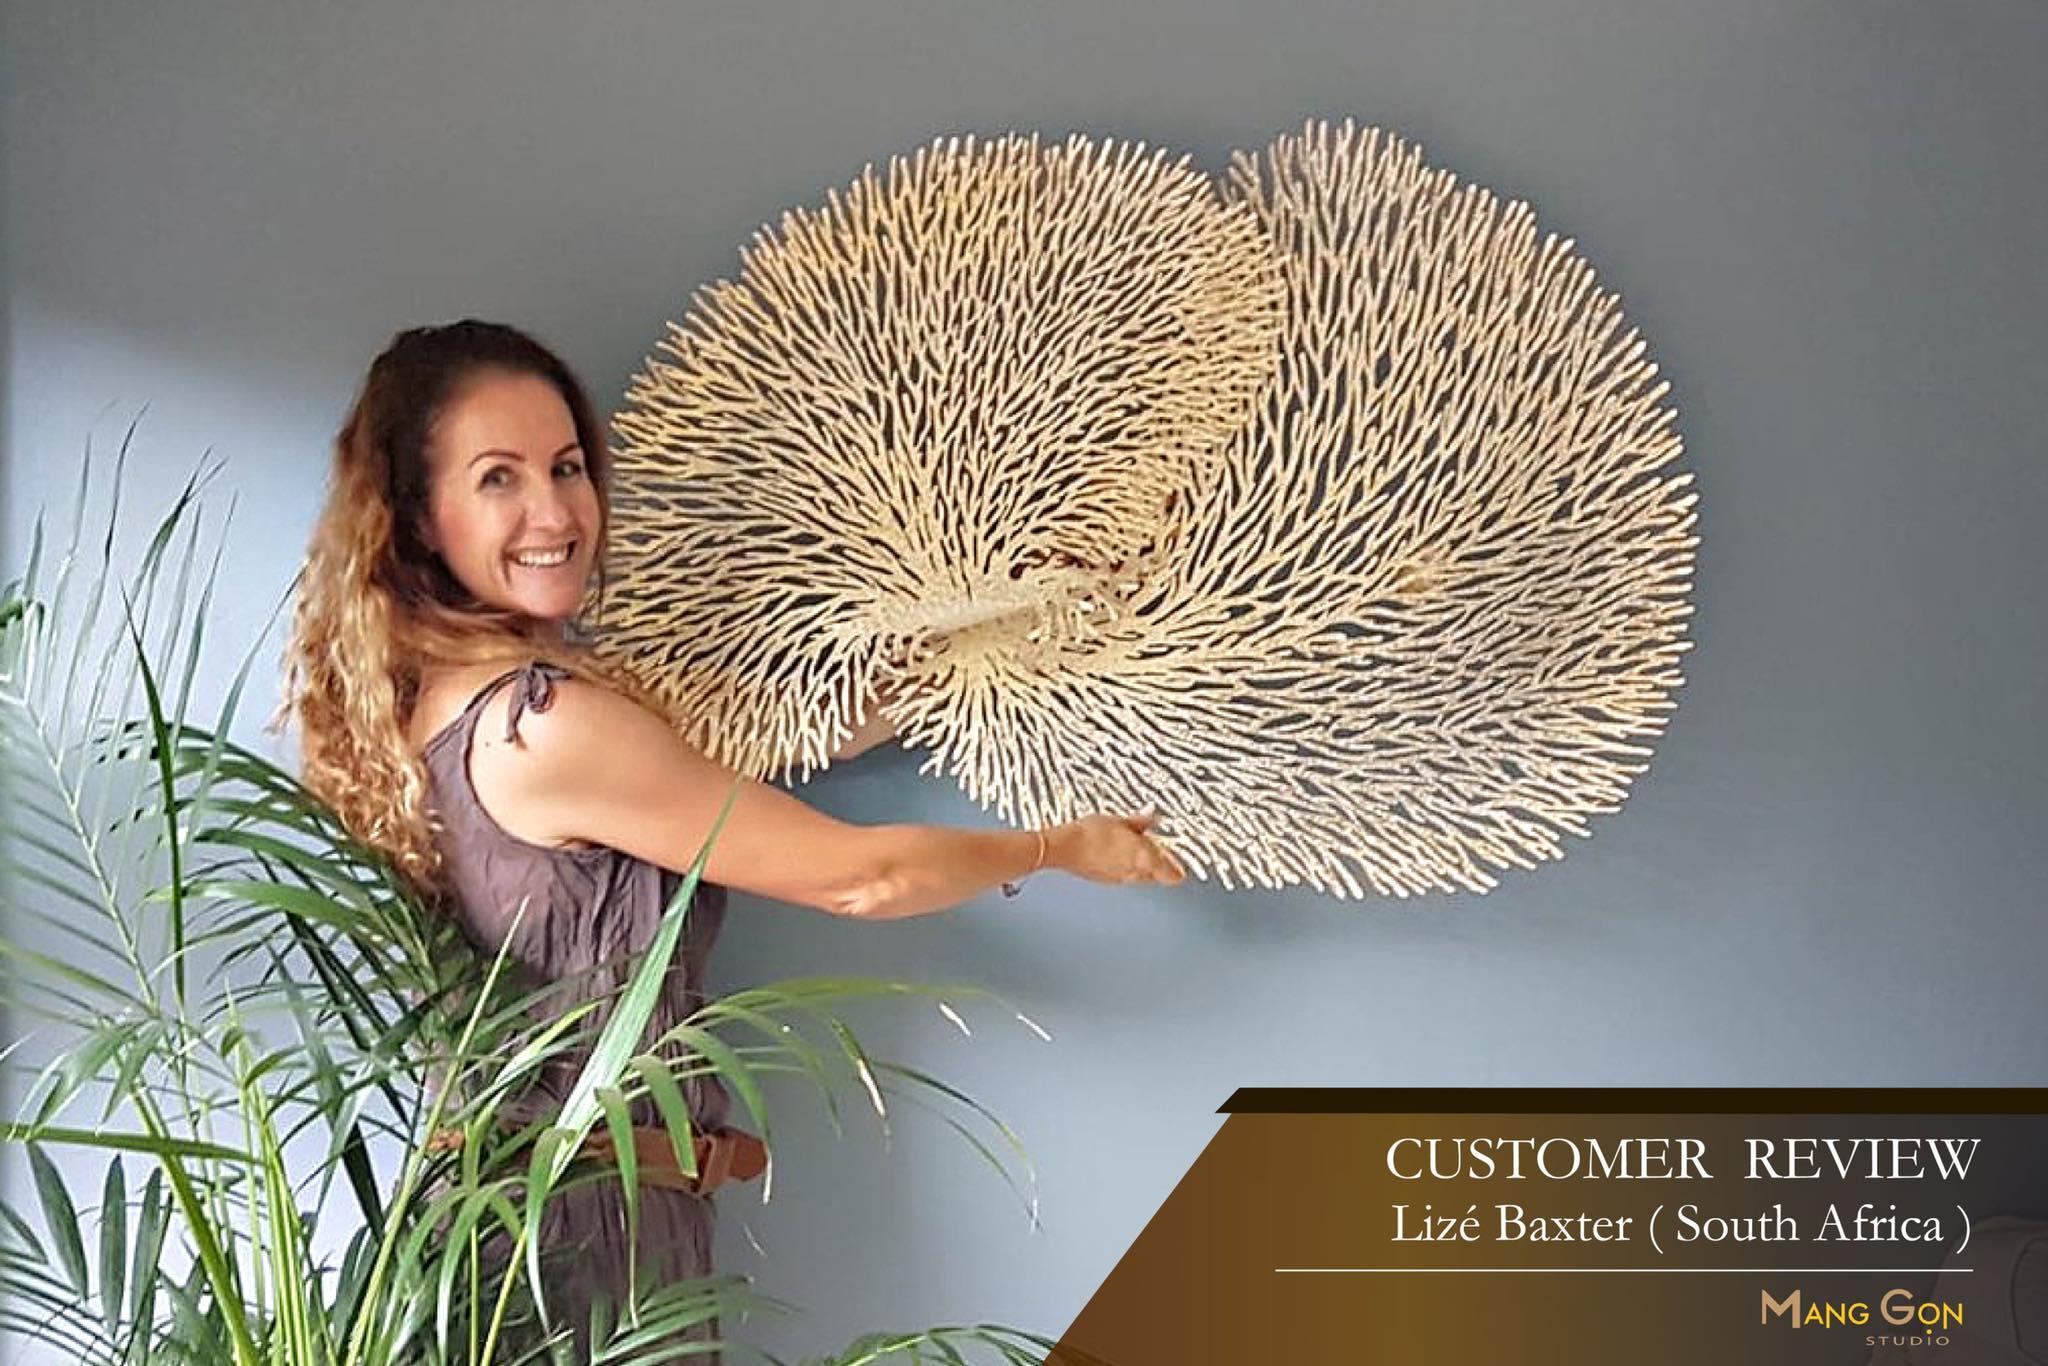 Lize Baxter